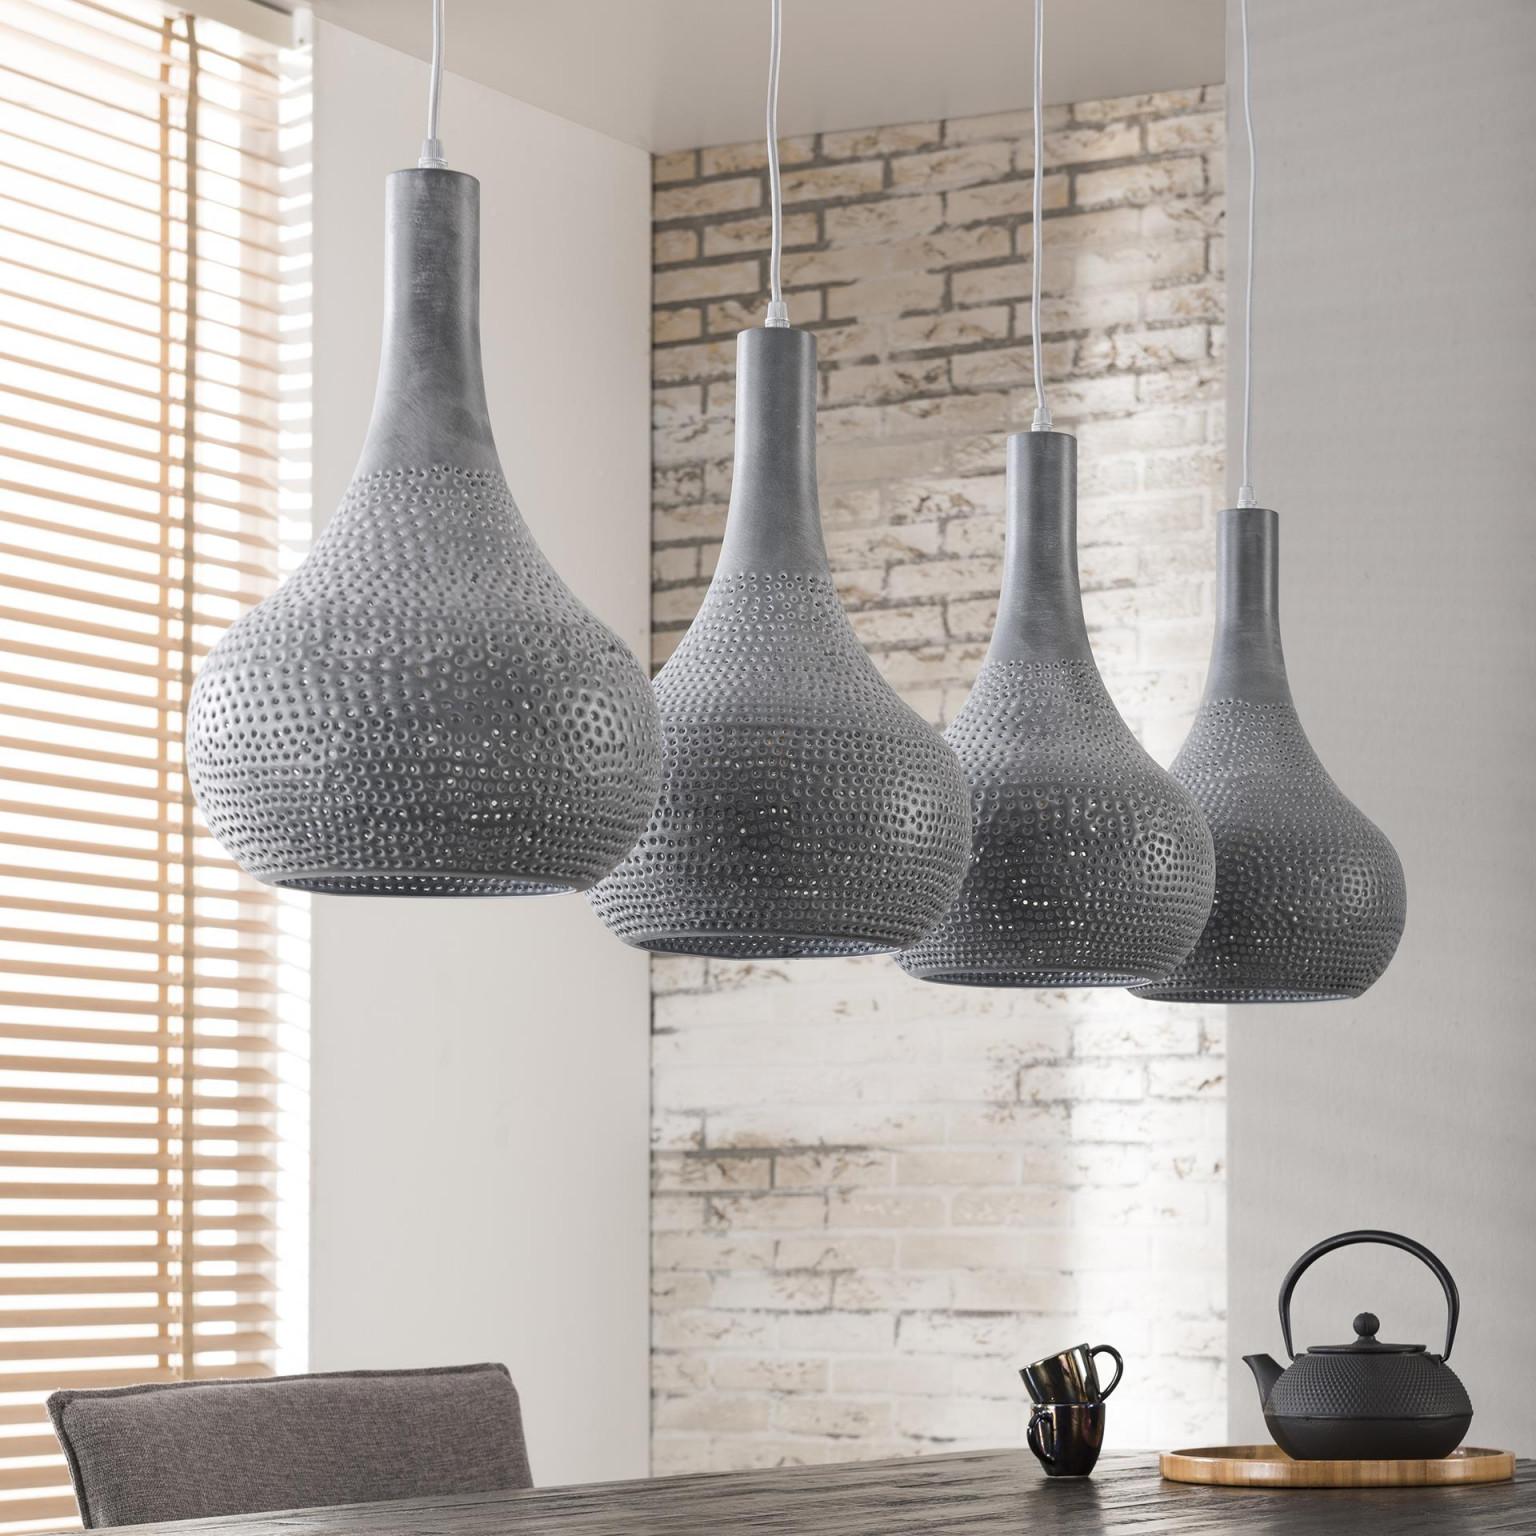 hanglamp-judd-4-lamps-kleur-grijs-lifestylefurn